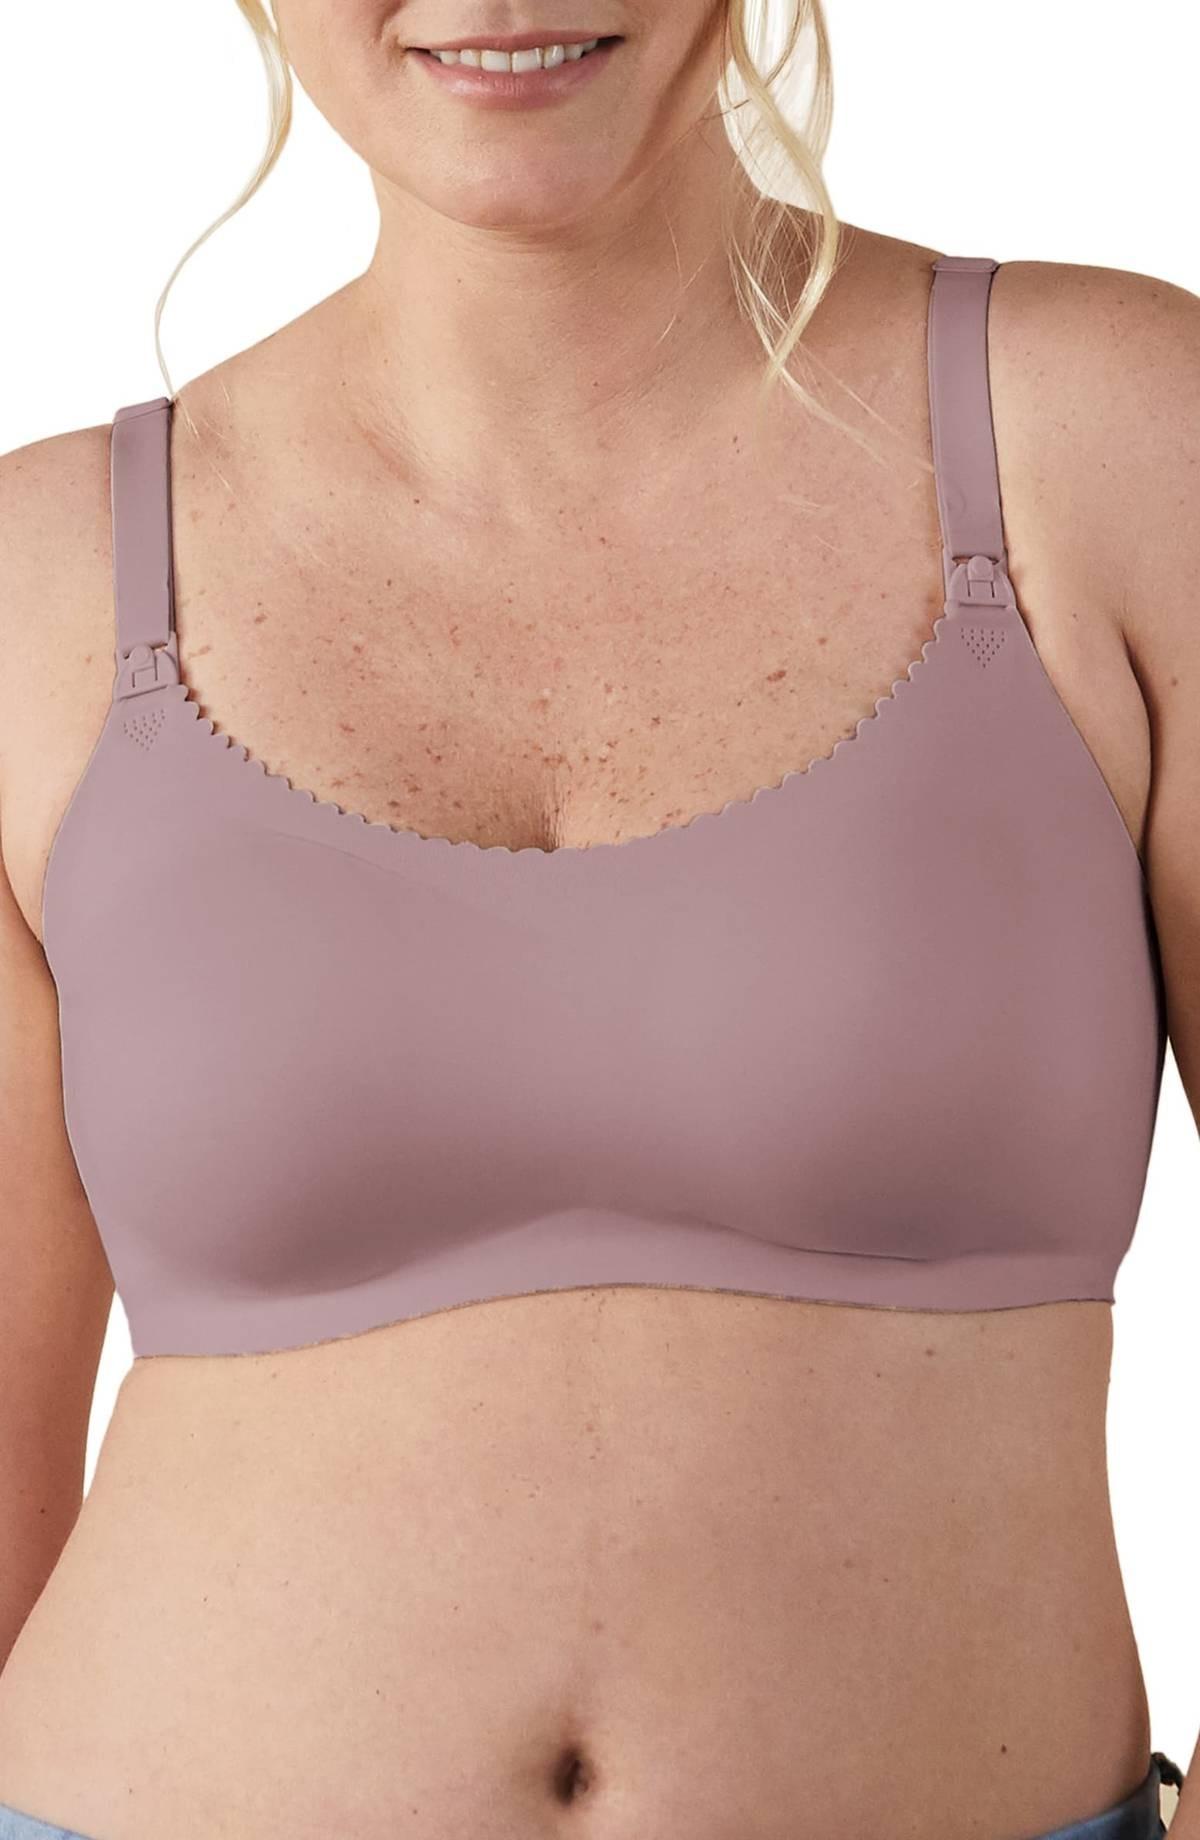 أنواع حمالات الصدر للحامل ـ حمالة صدر برافادو